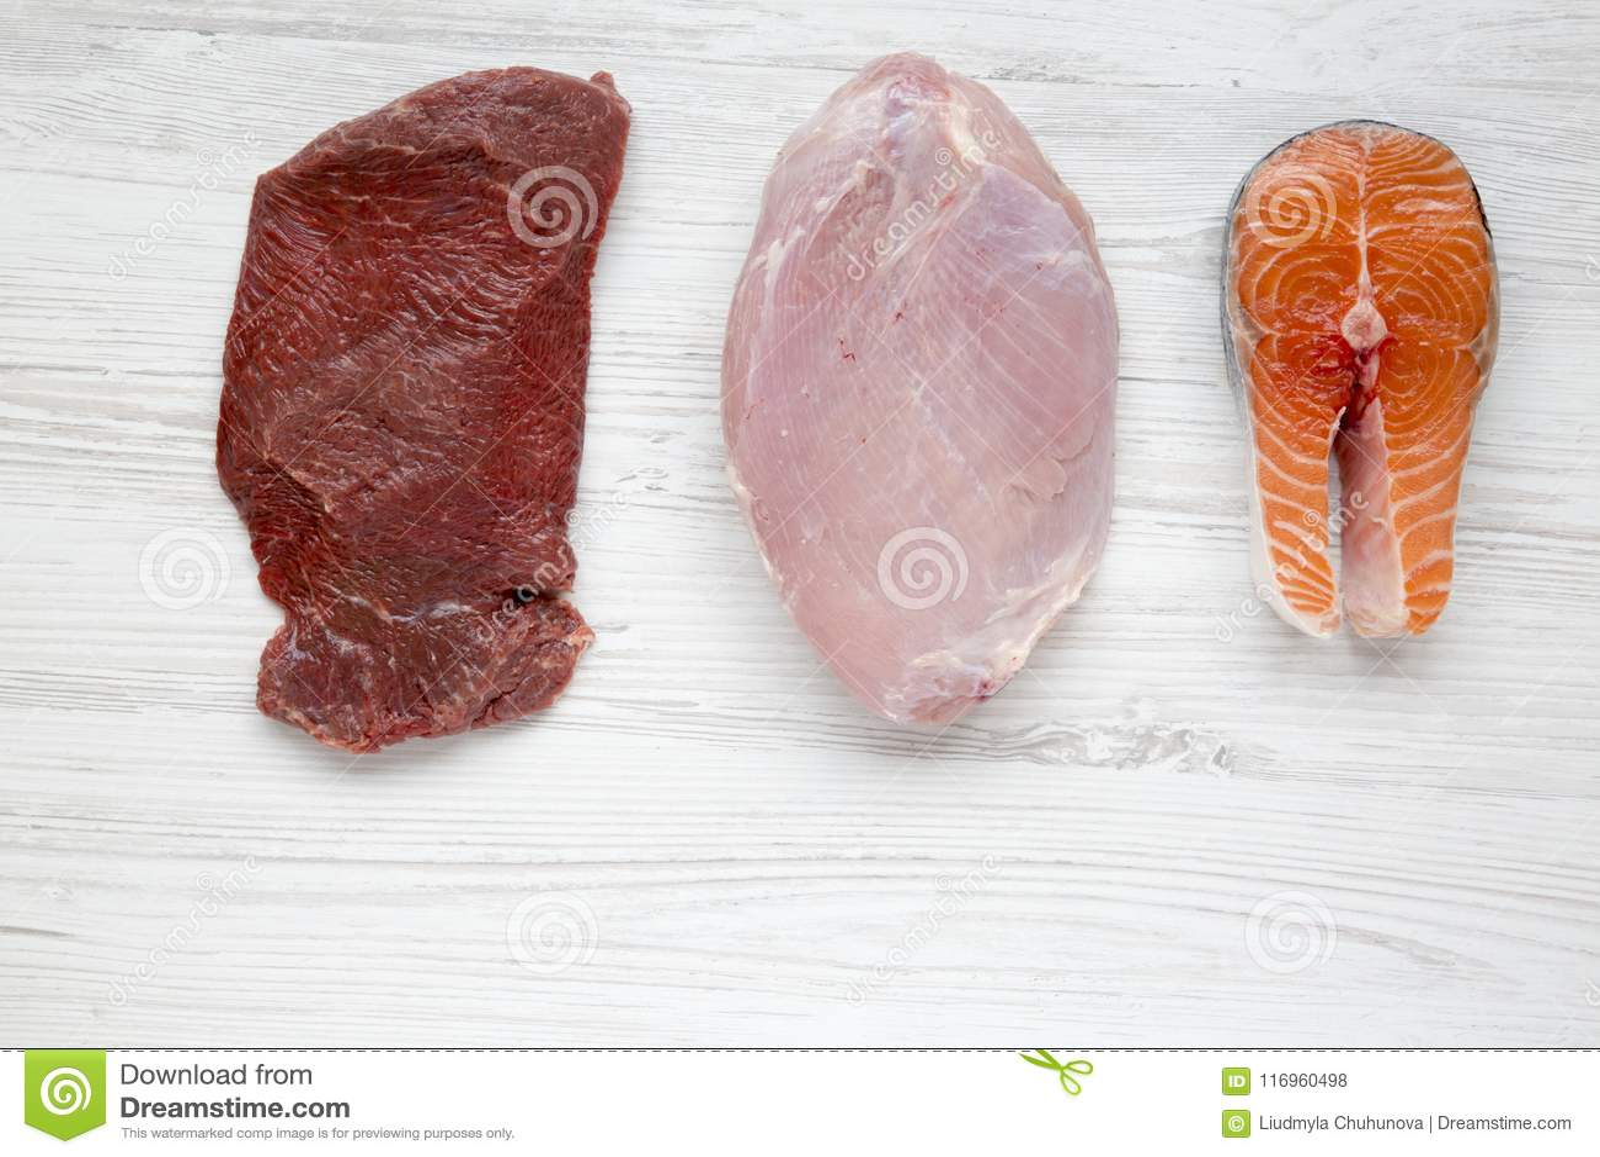 Carne crua cru da carne, peito de peru e bife salmon no fundo de madeira branco, vista superior Configuração lisa